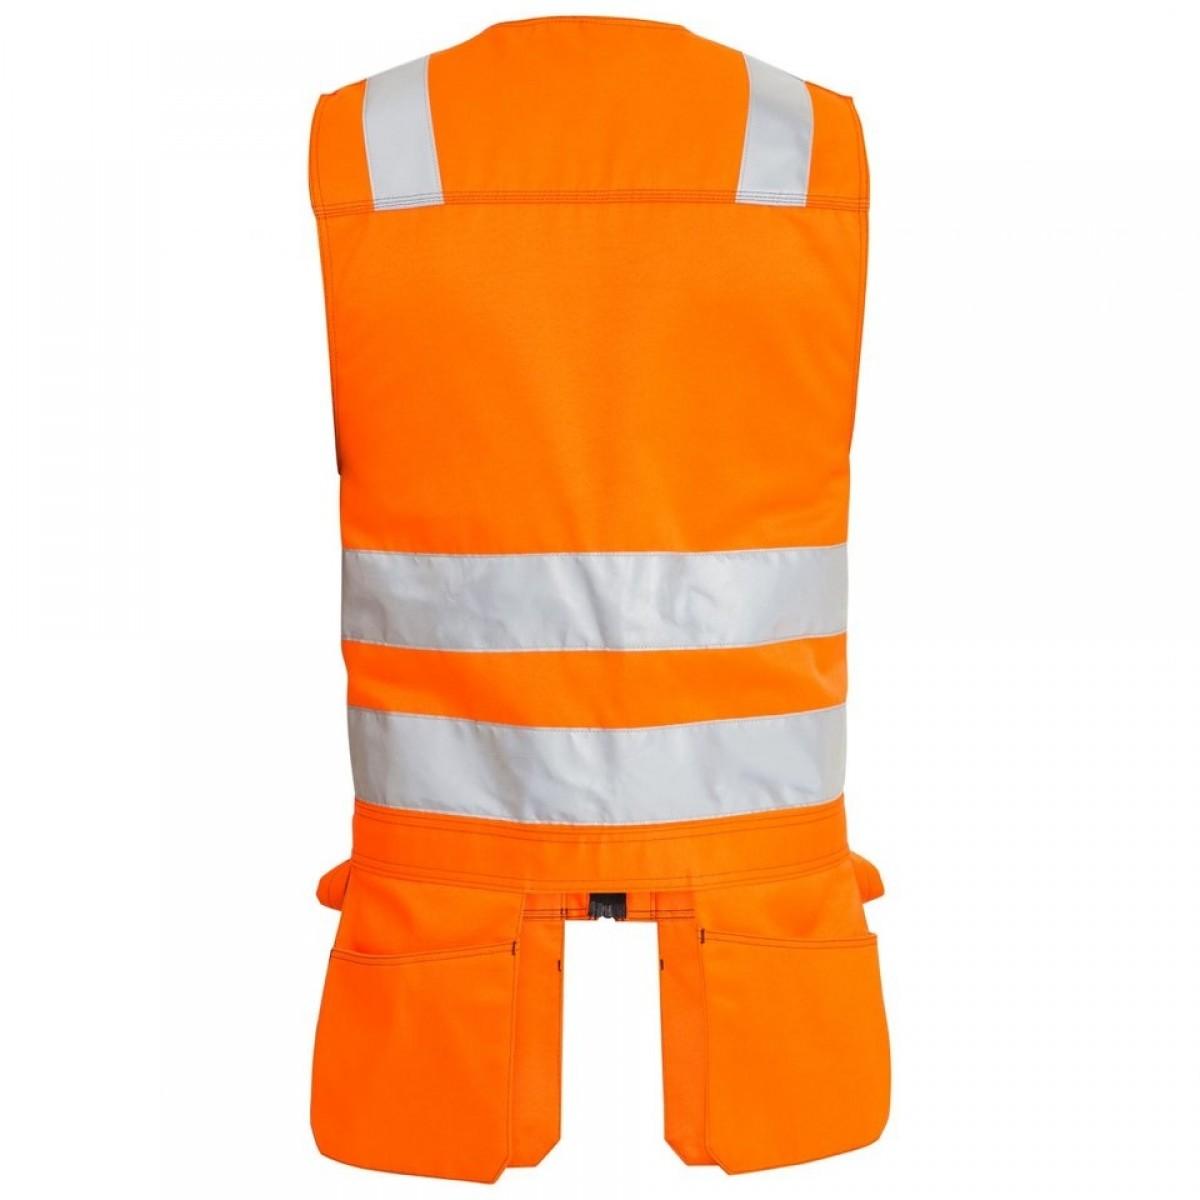 FE Engel Håndværkervest Safety EN ISO 20471-31